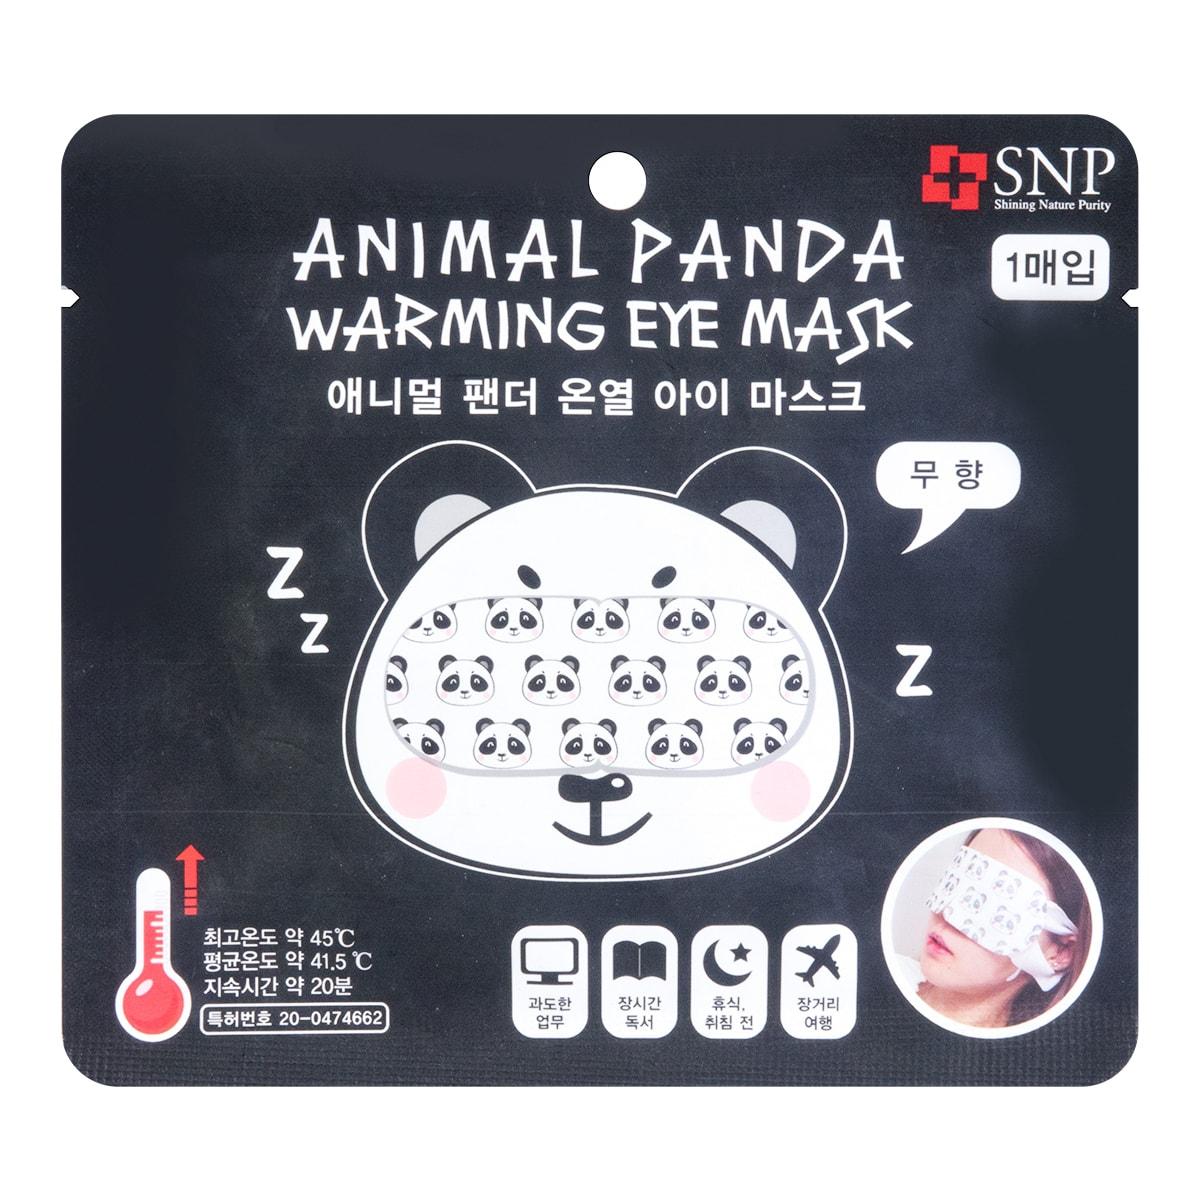 韩国SNP 熊猫舒缓蒸汽眼罩 1枚入